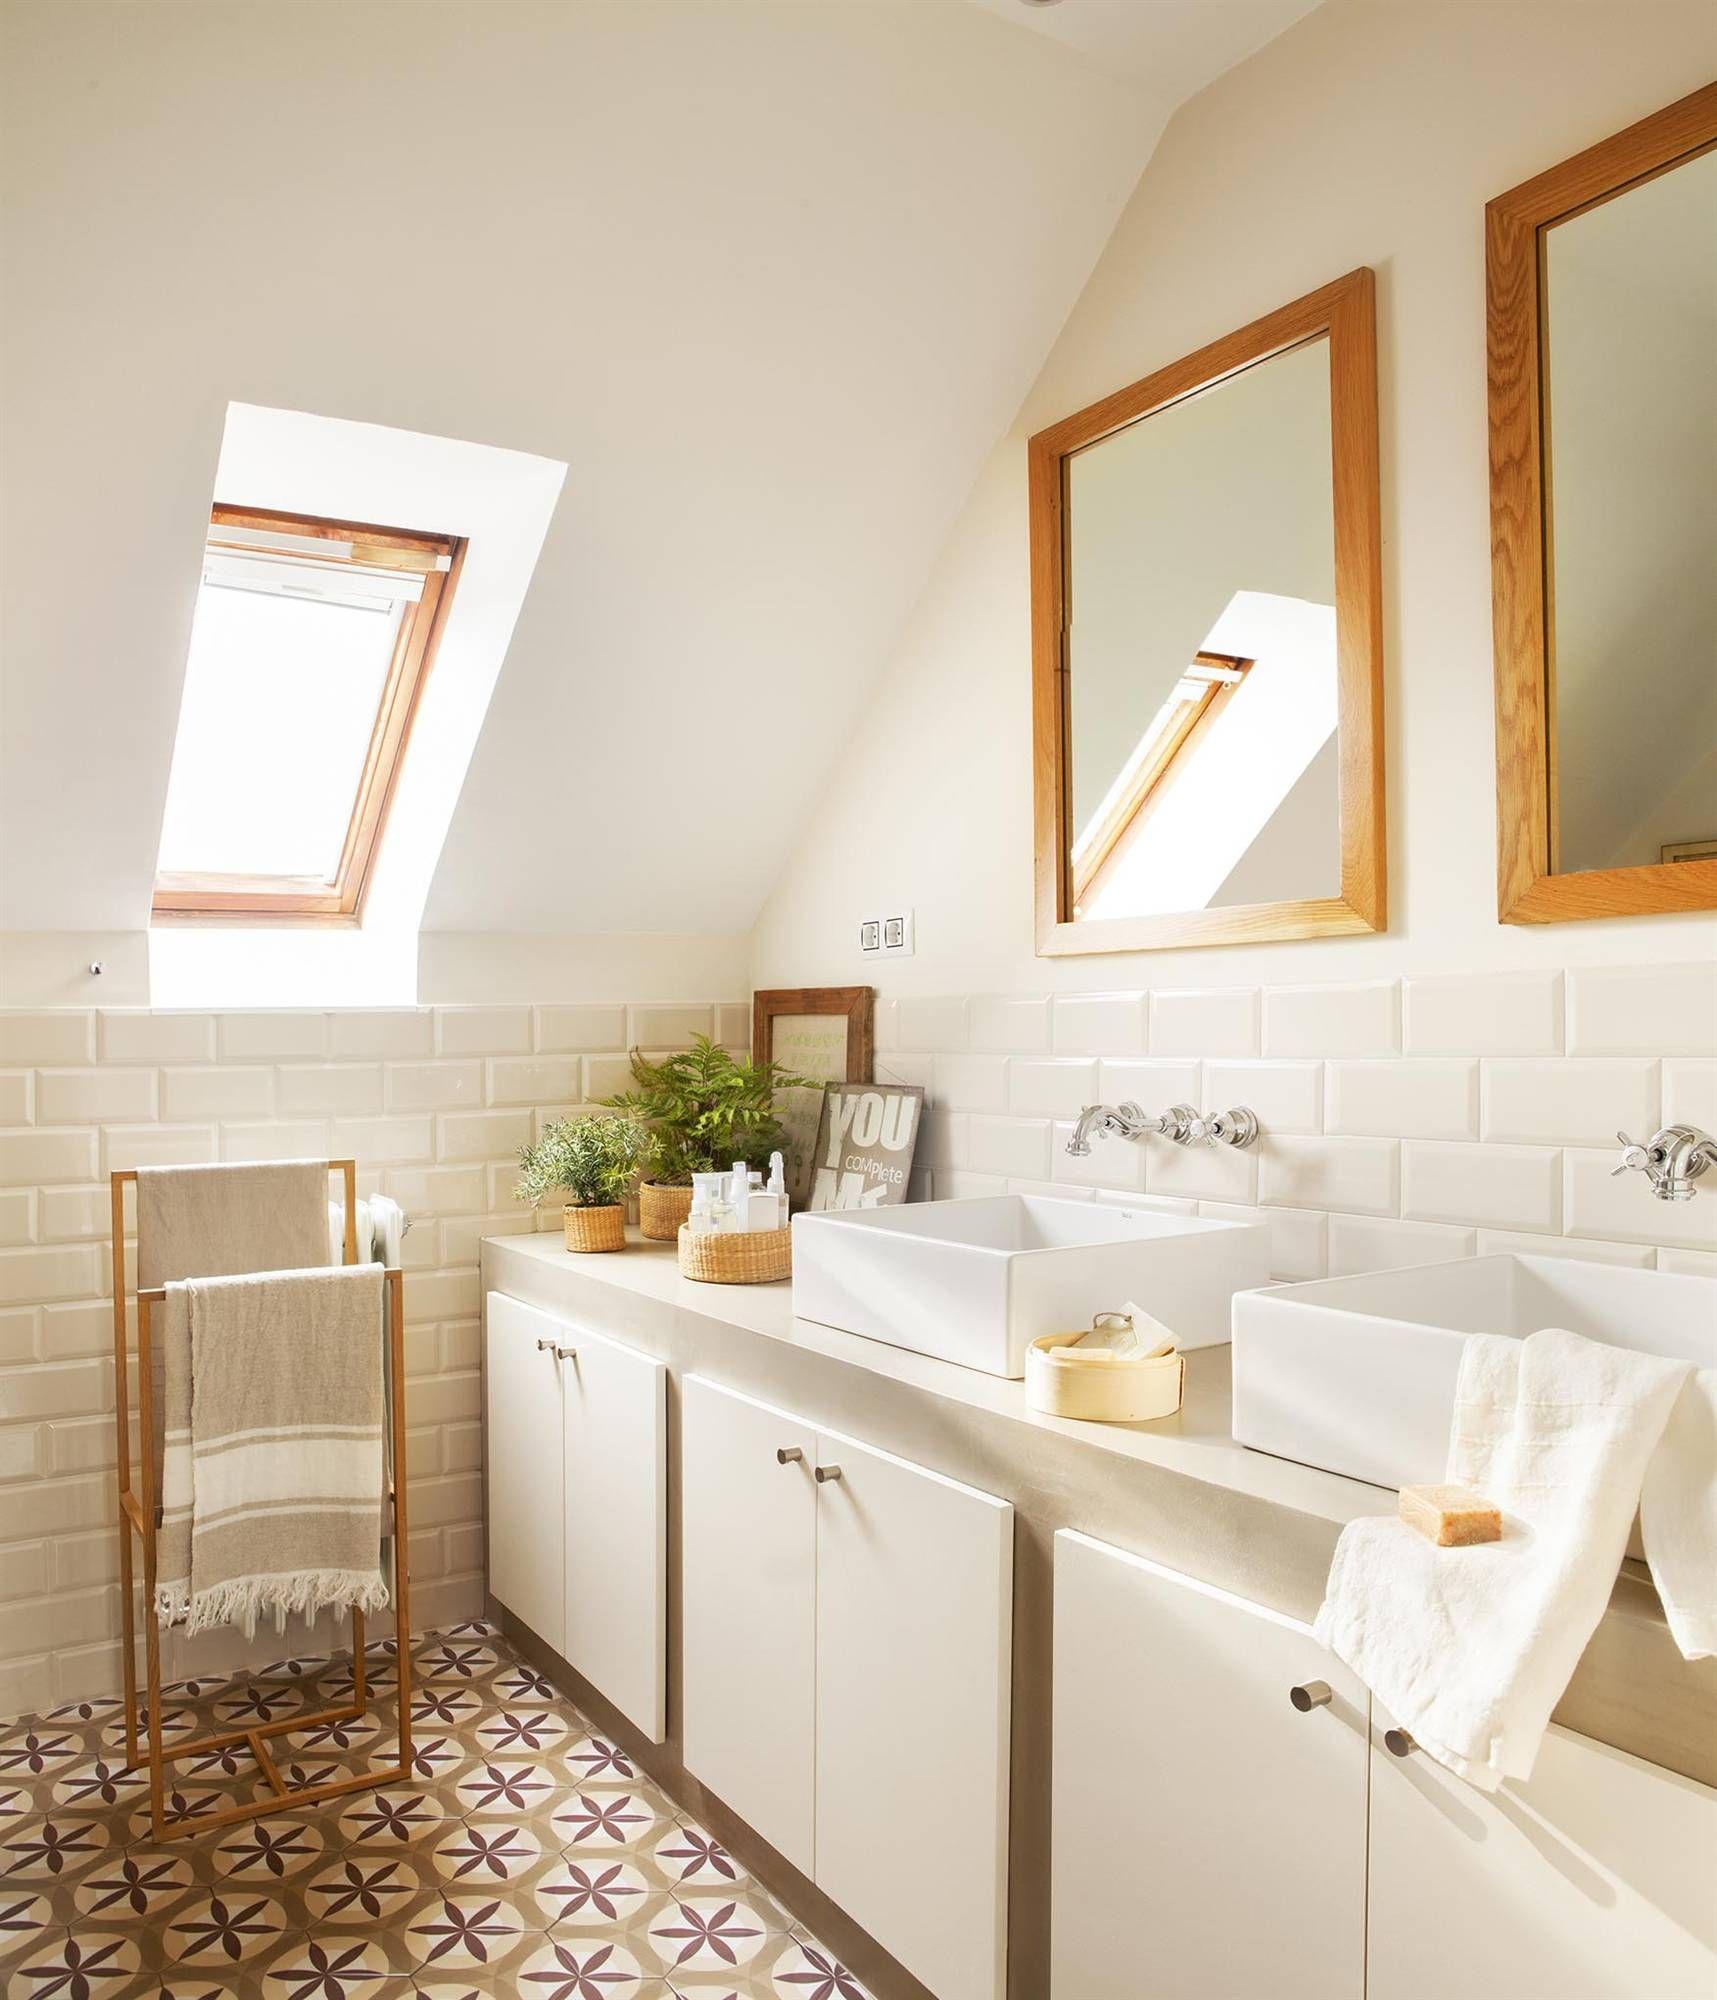 Baño abuhardillado en blanco con suelo de mosaico y mueble de obra ...